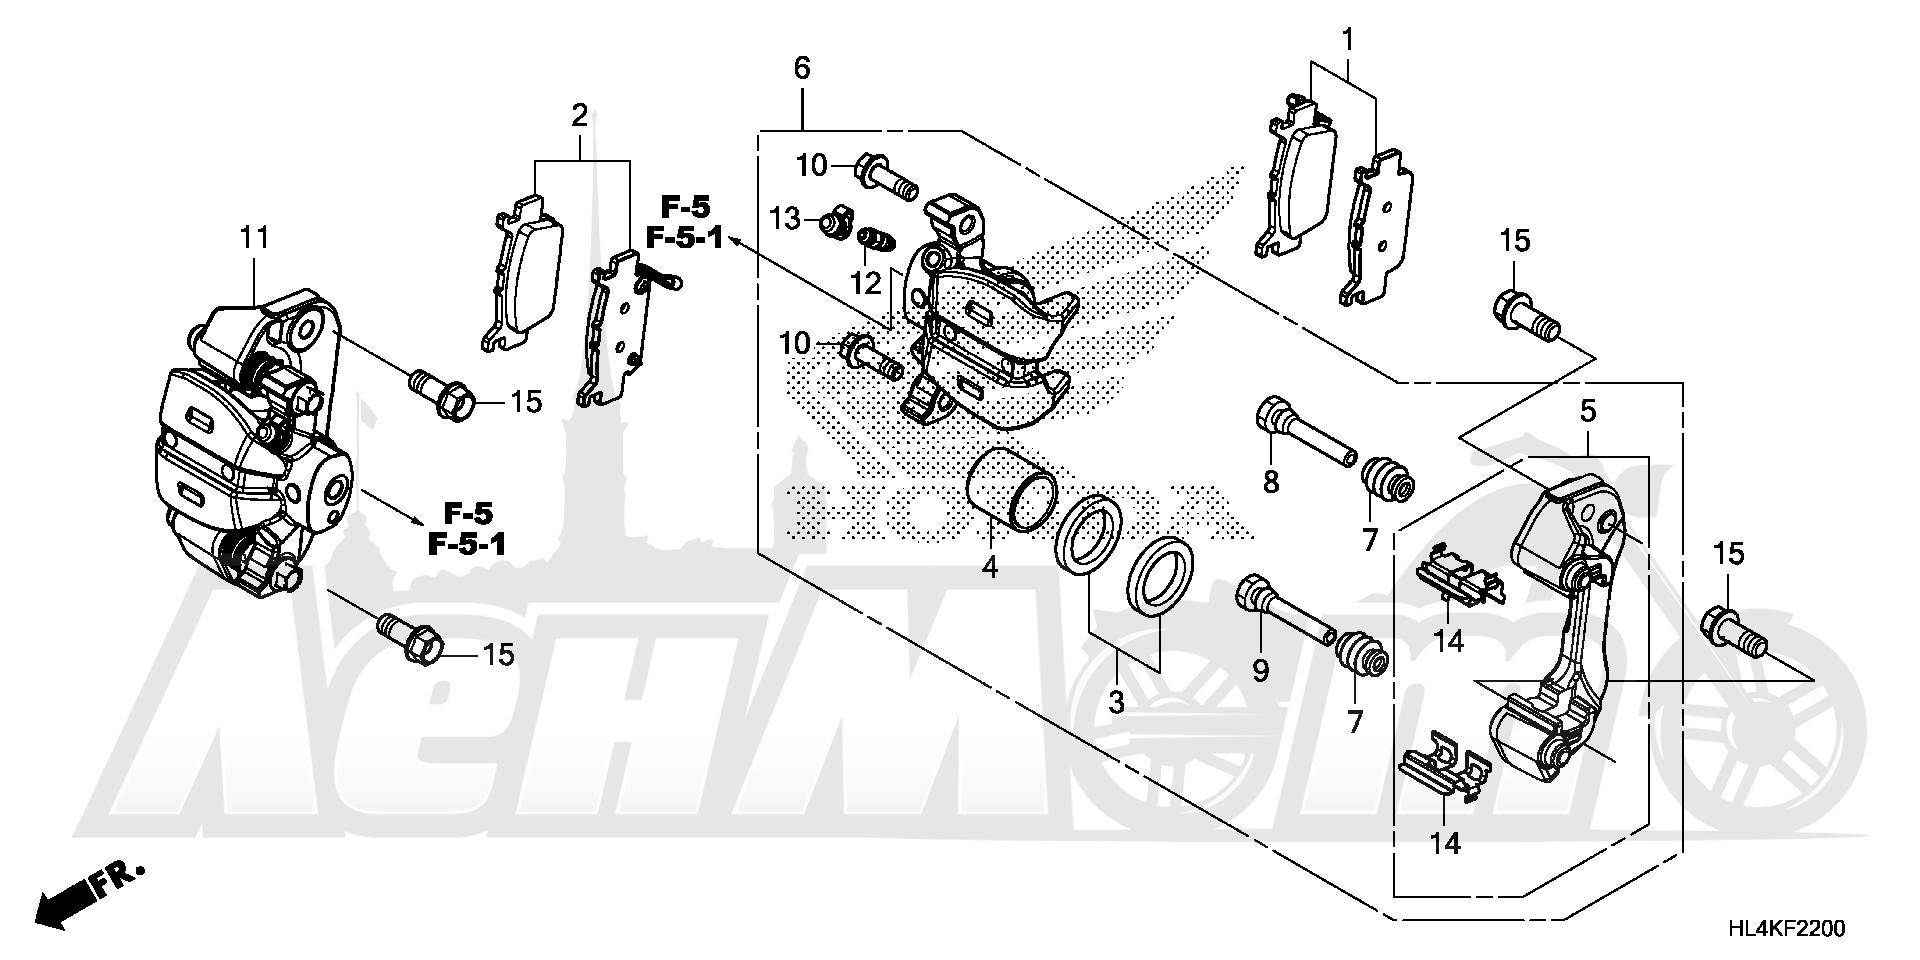 Запчасти для Квадроцикла Honda 2019 SXS1000M3P Раздел: REAR BRAKE CALIPER | задний тормоз суппорт